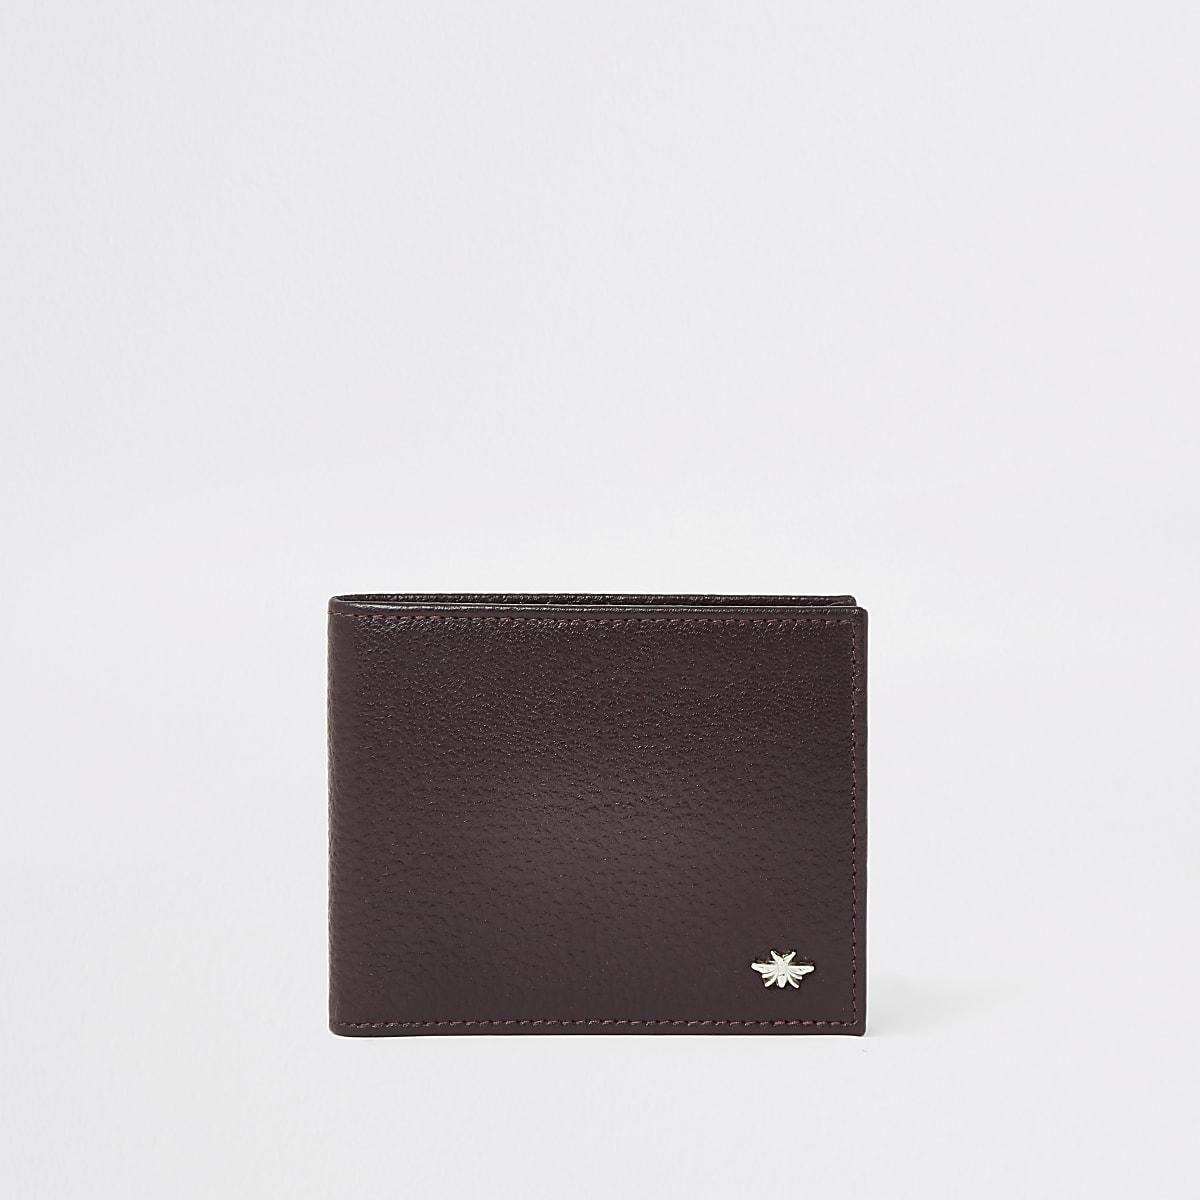 Portefeuille en cuir rouge texturé motif guêpe